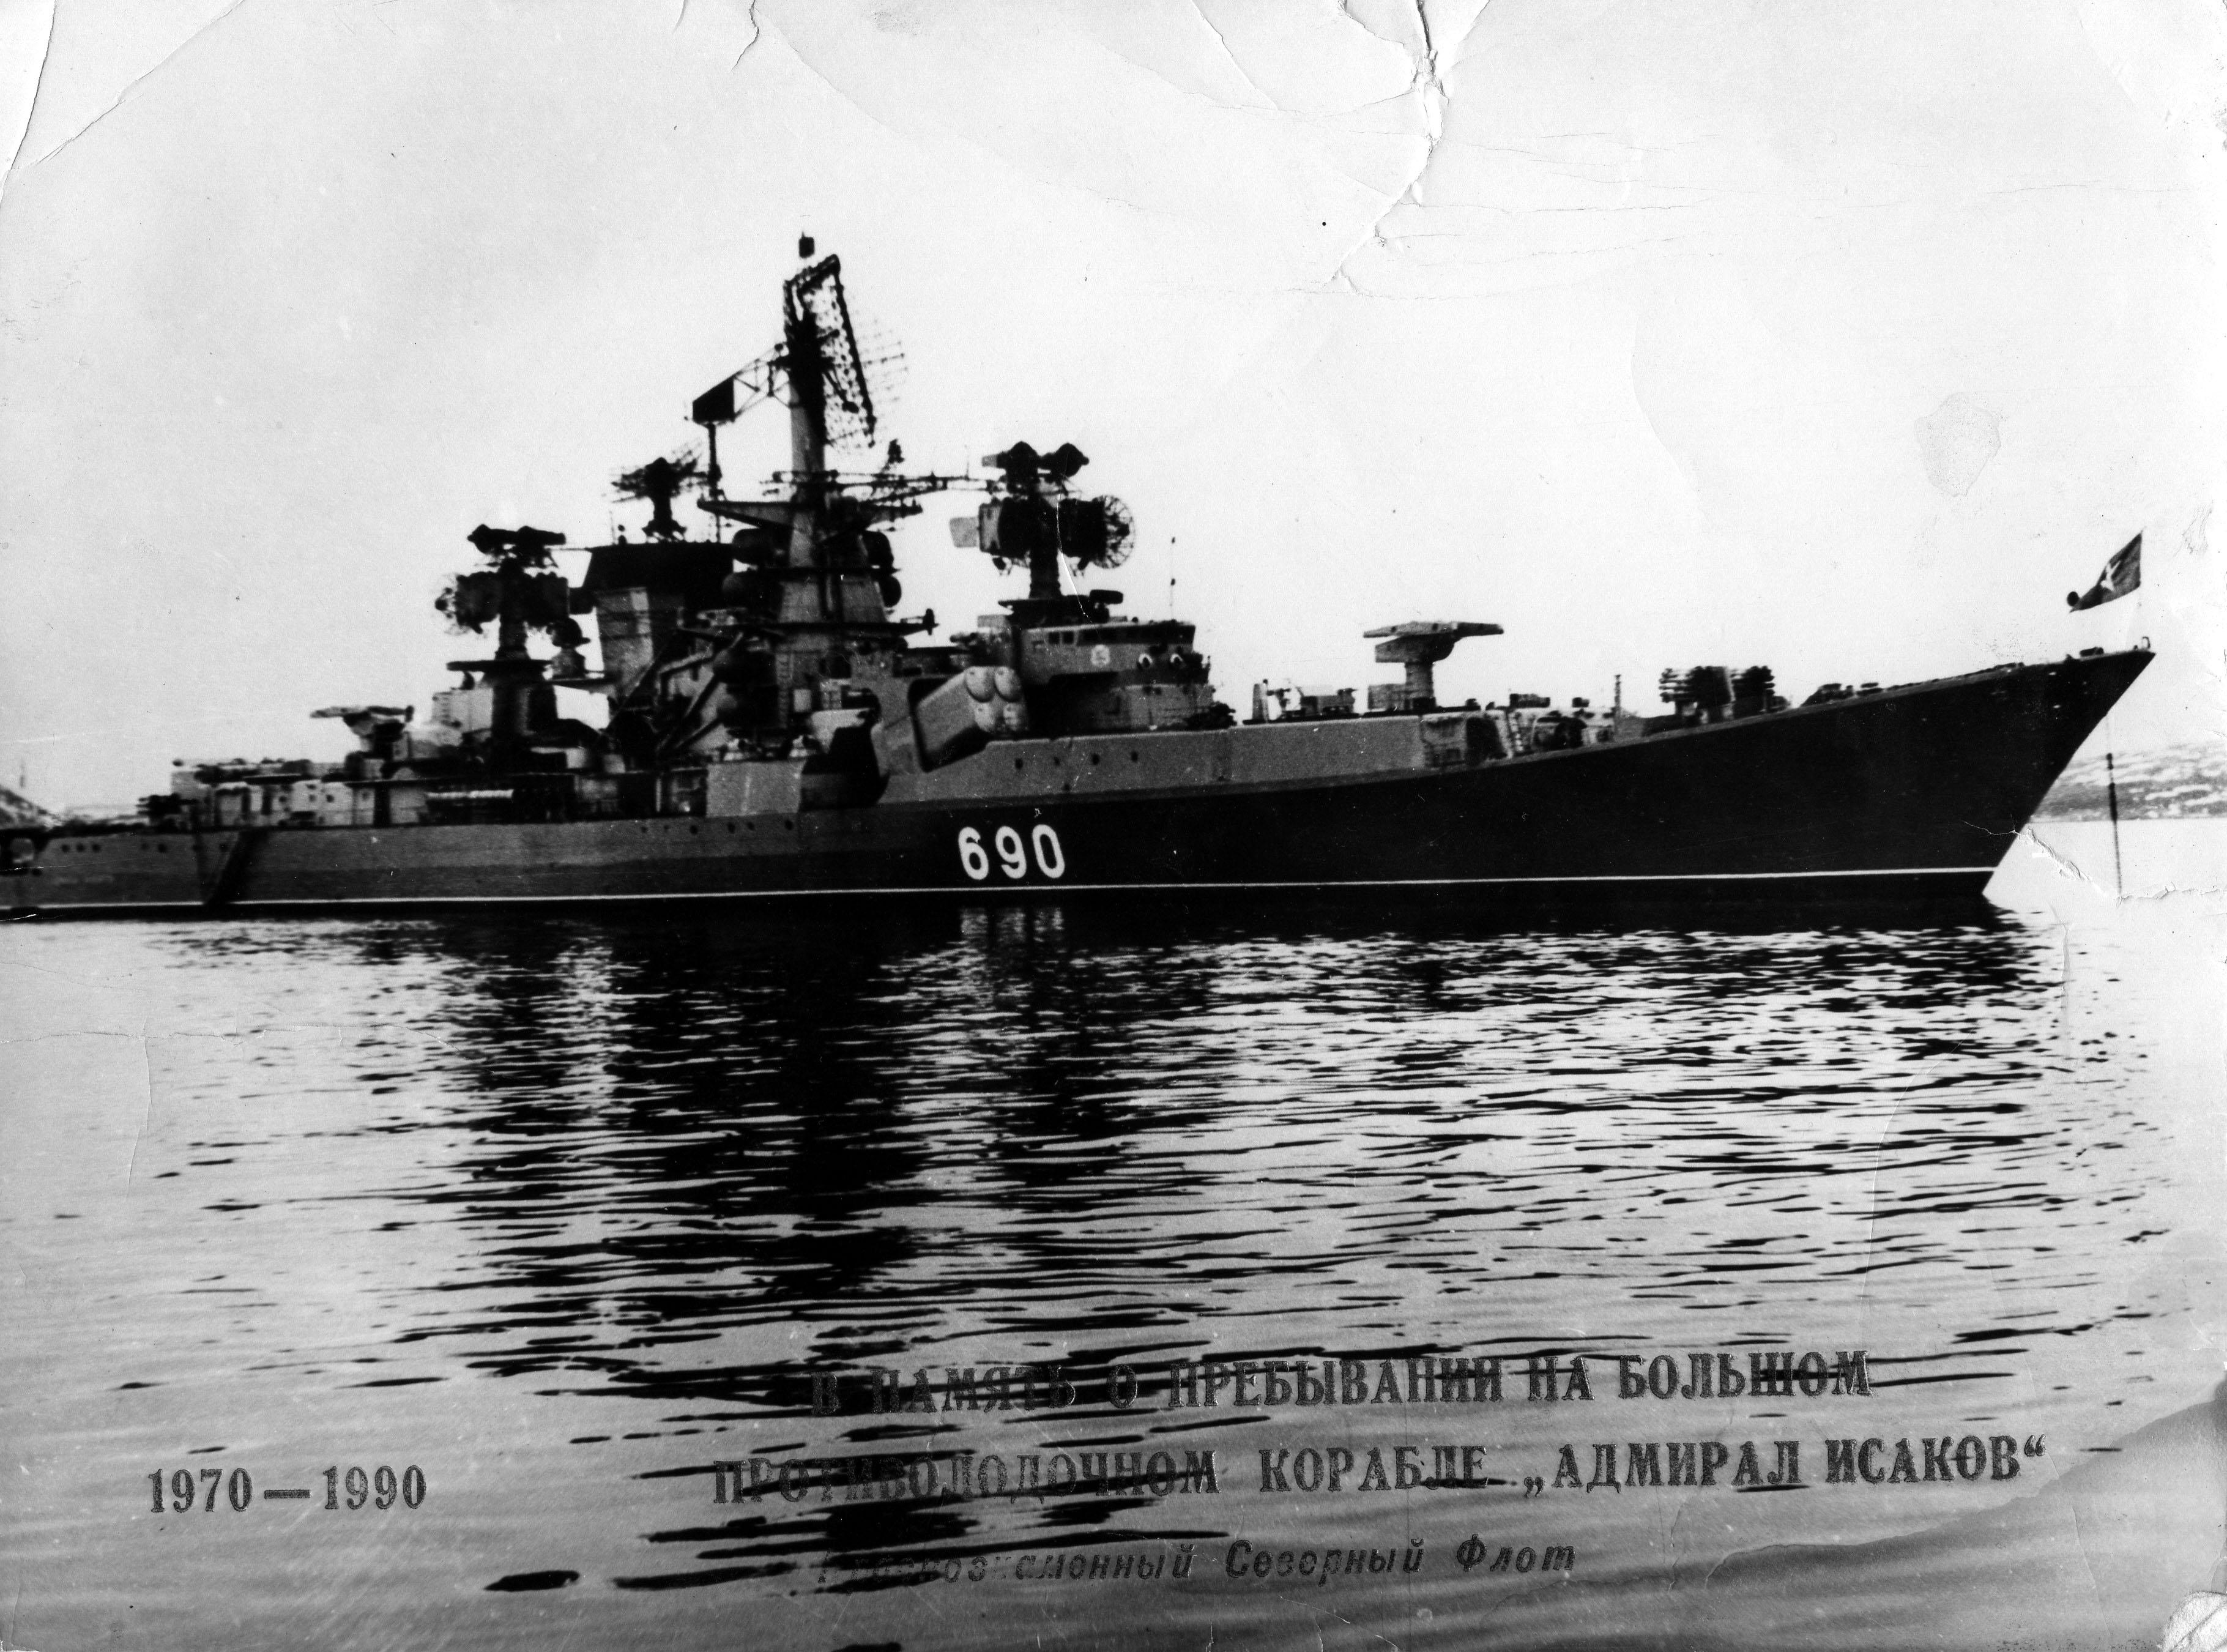 Бпк адмирал исаков фото